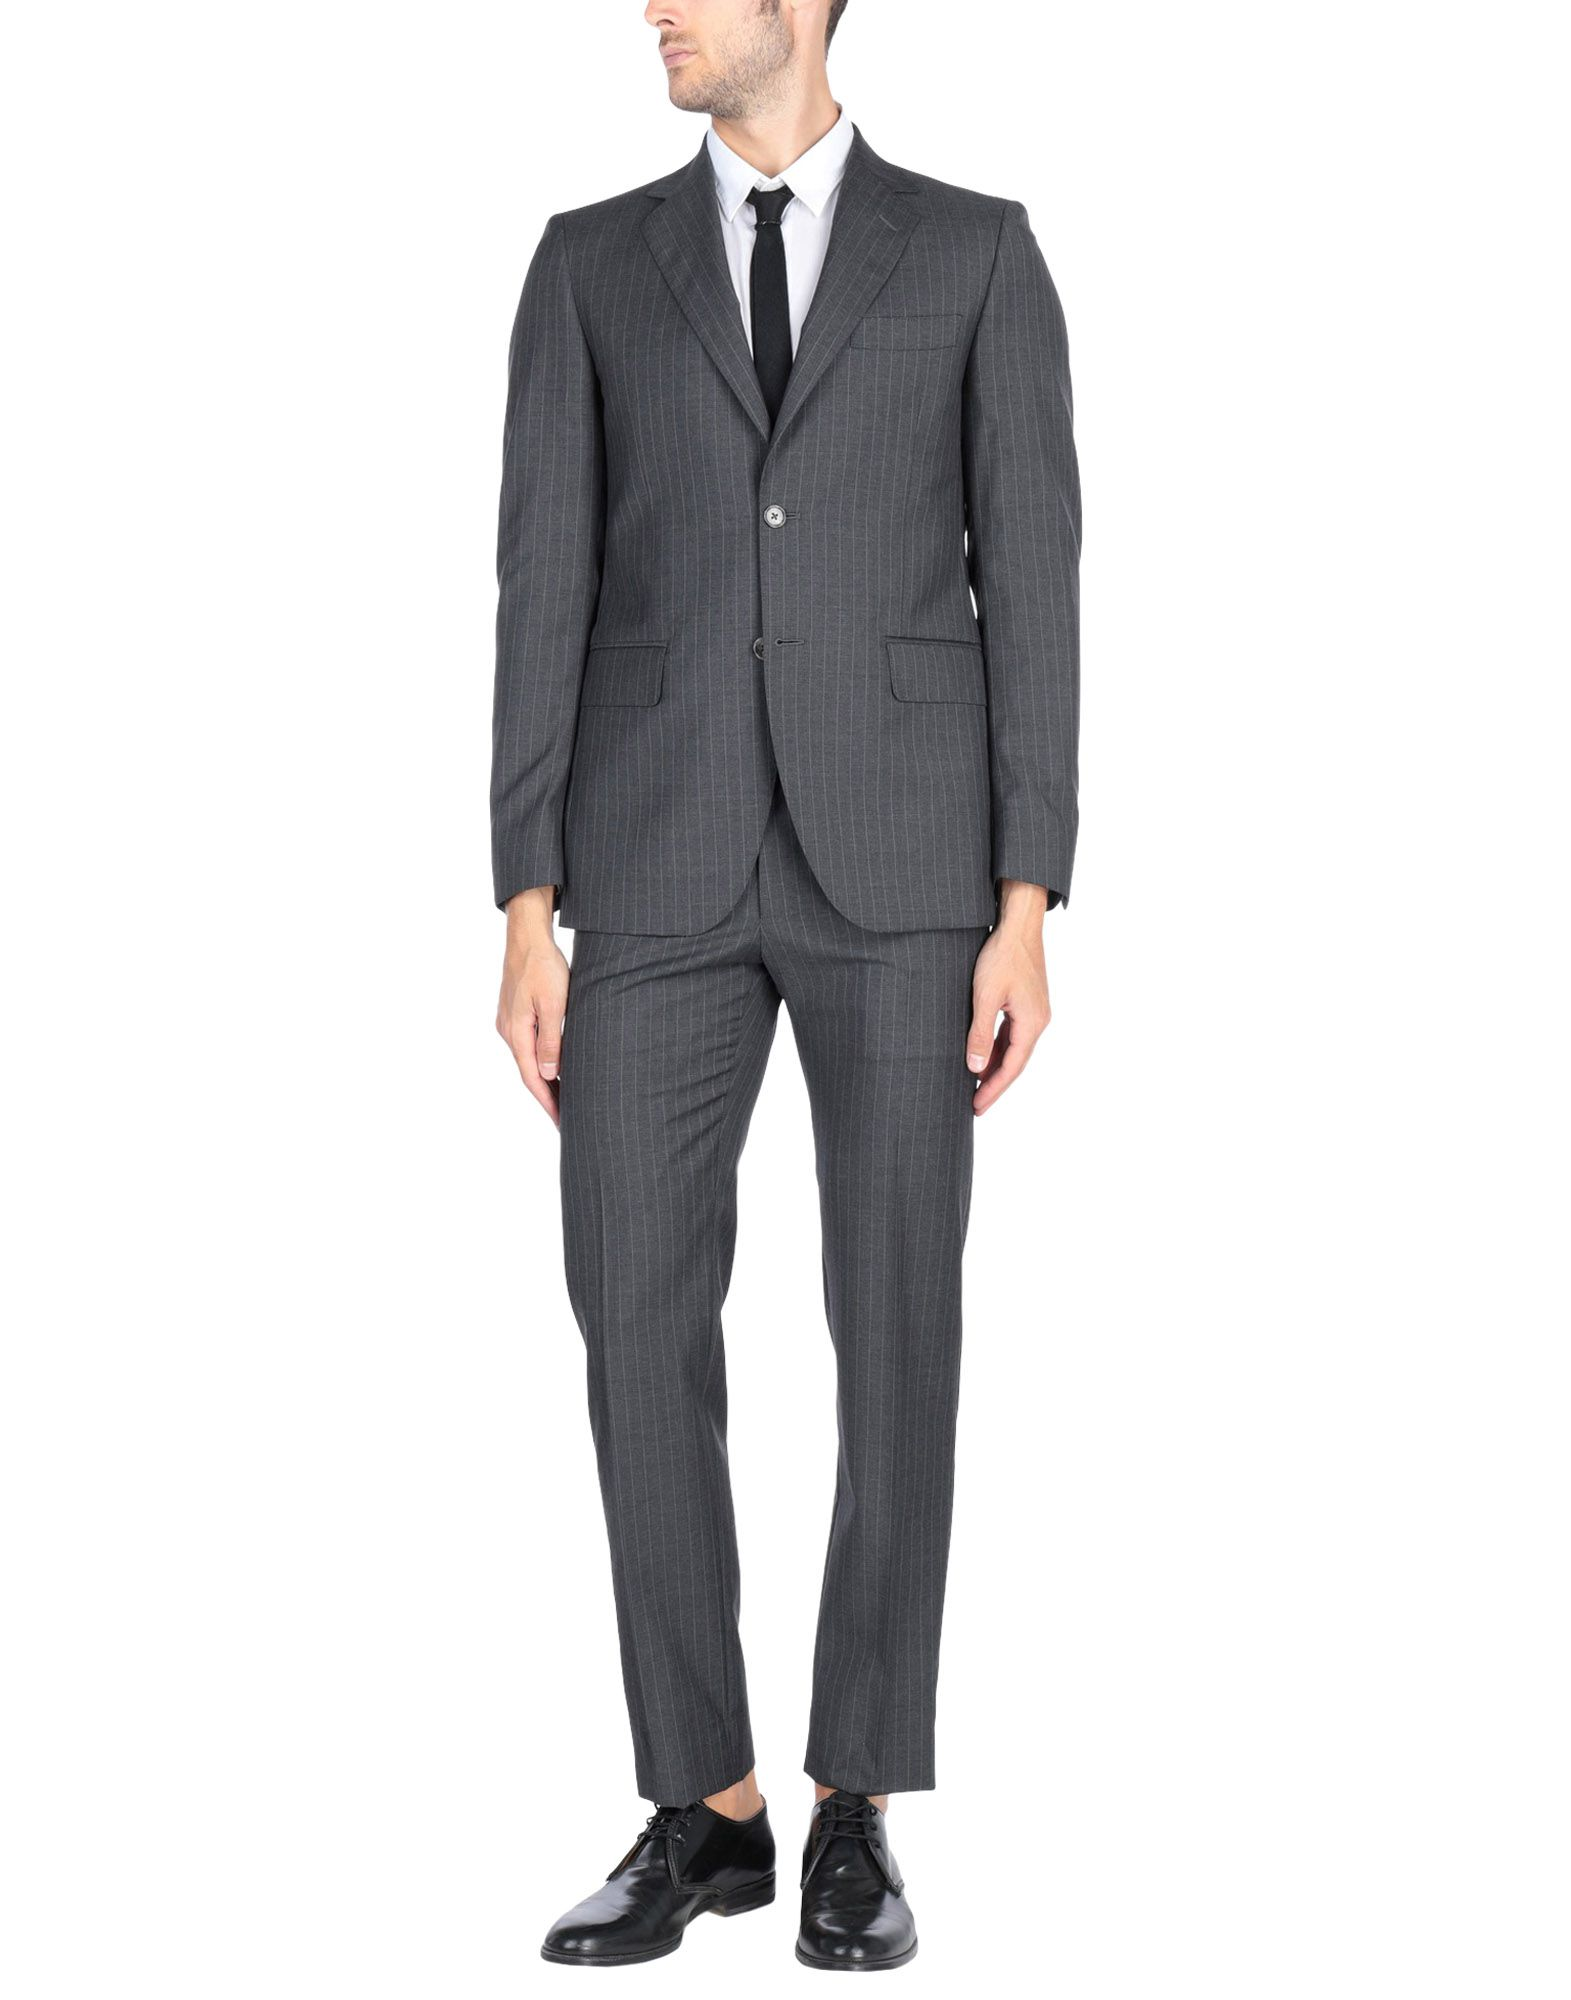 《送料無料》TOMBOLINI メンズ スーツ スチールグレー 46 100% スーパー100 ウール